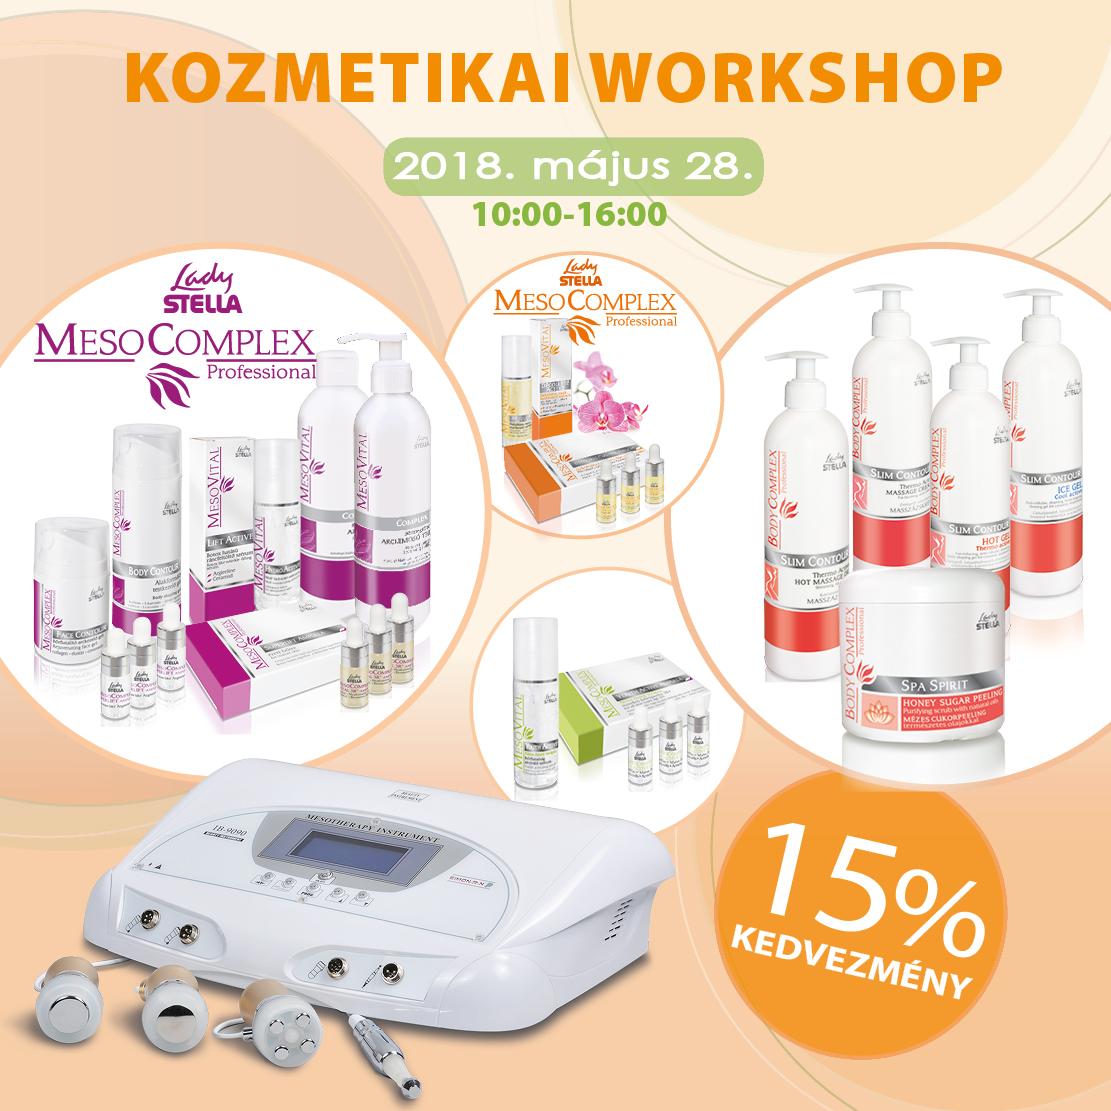 Kozmetikai workshop - tavaszi bőrmegújító kezelések - Május 28 bf1b3c9502